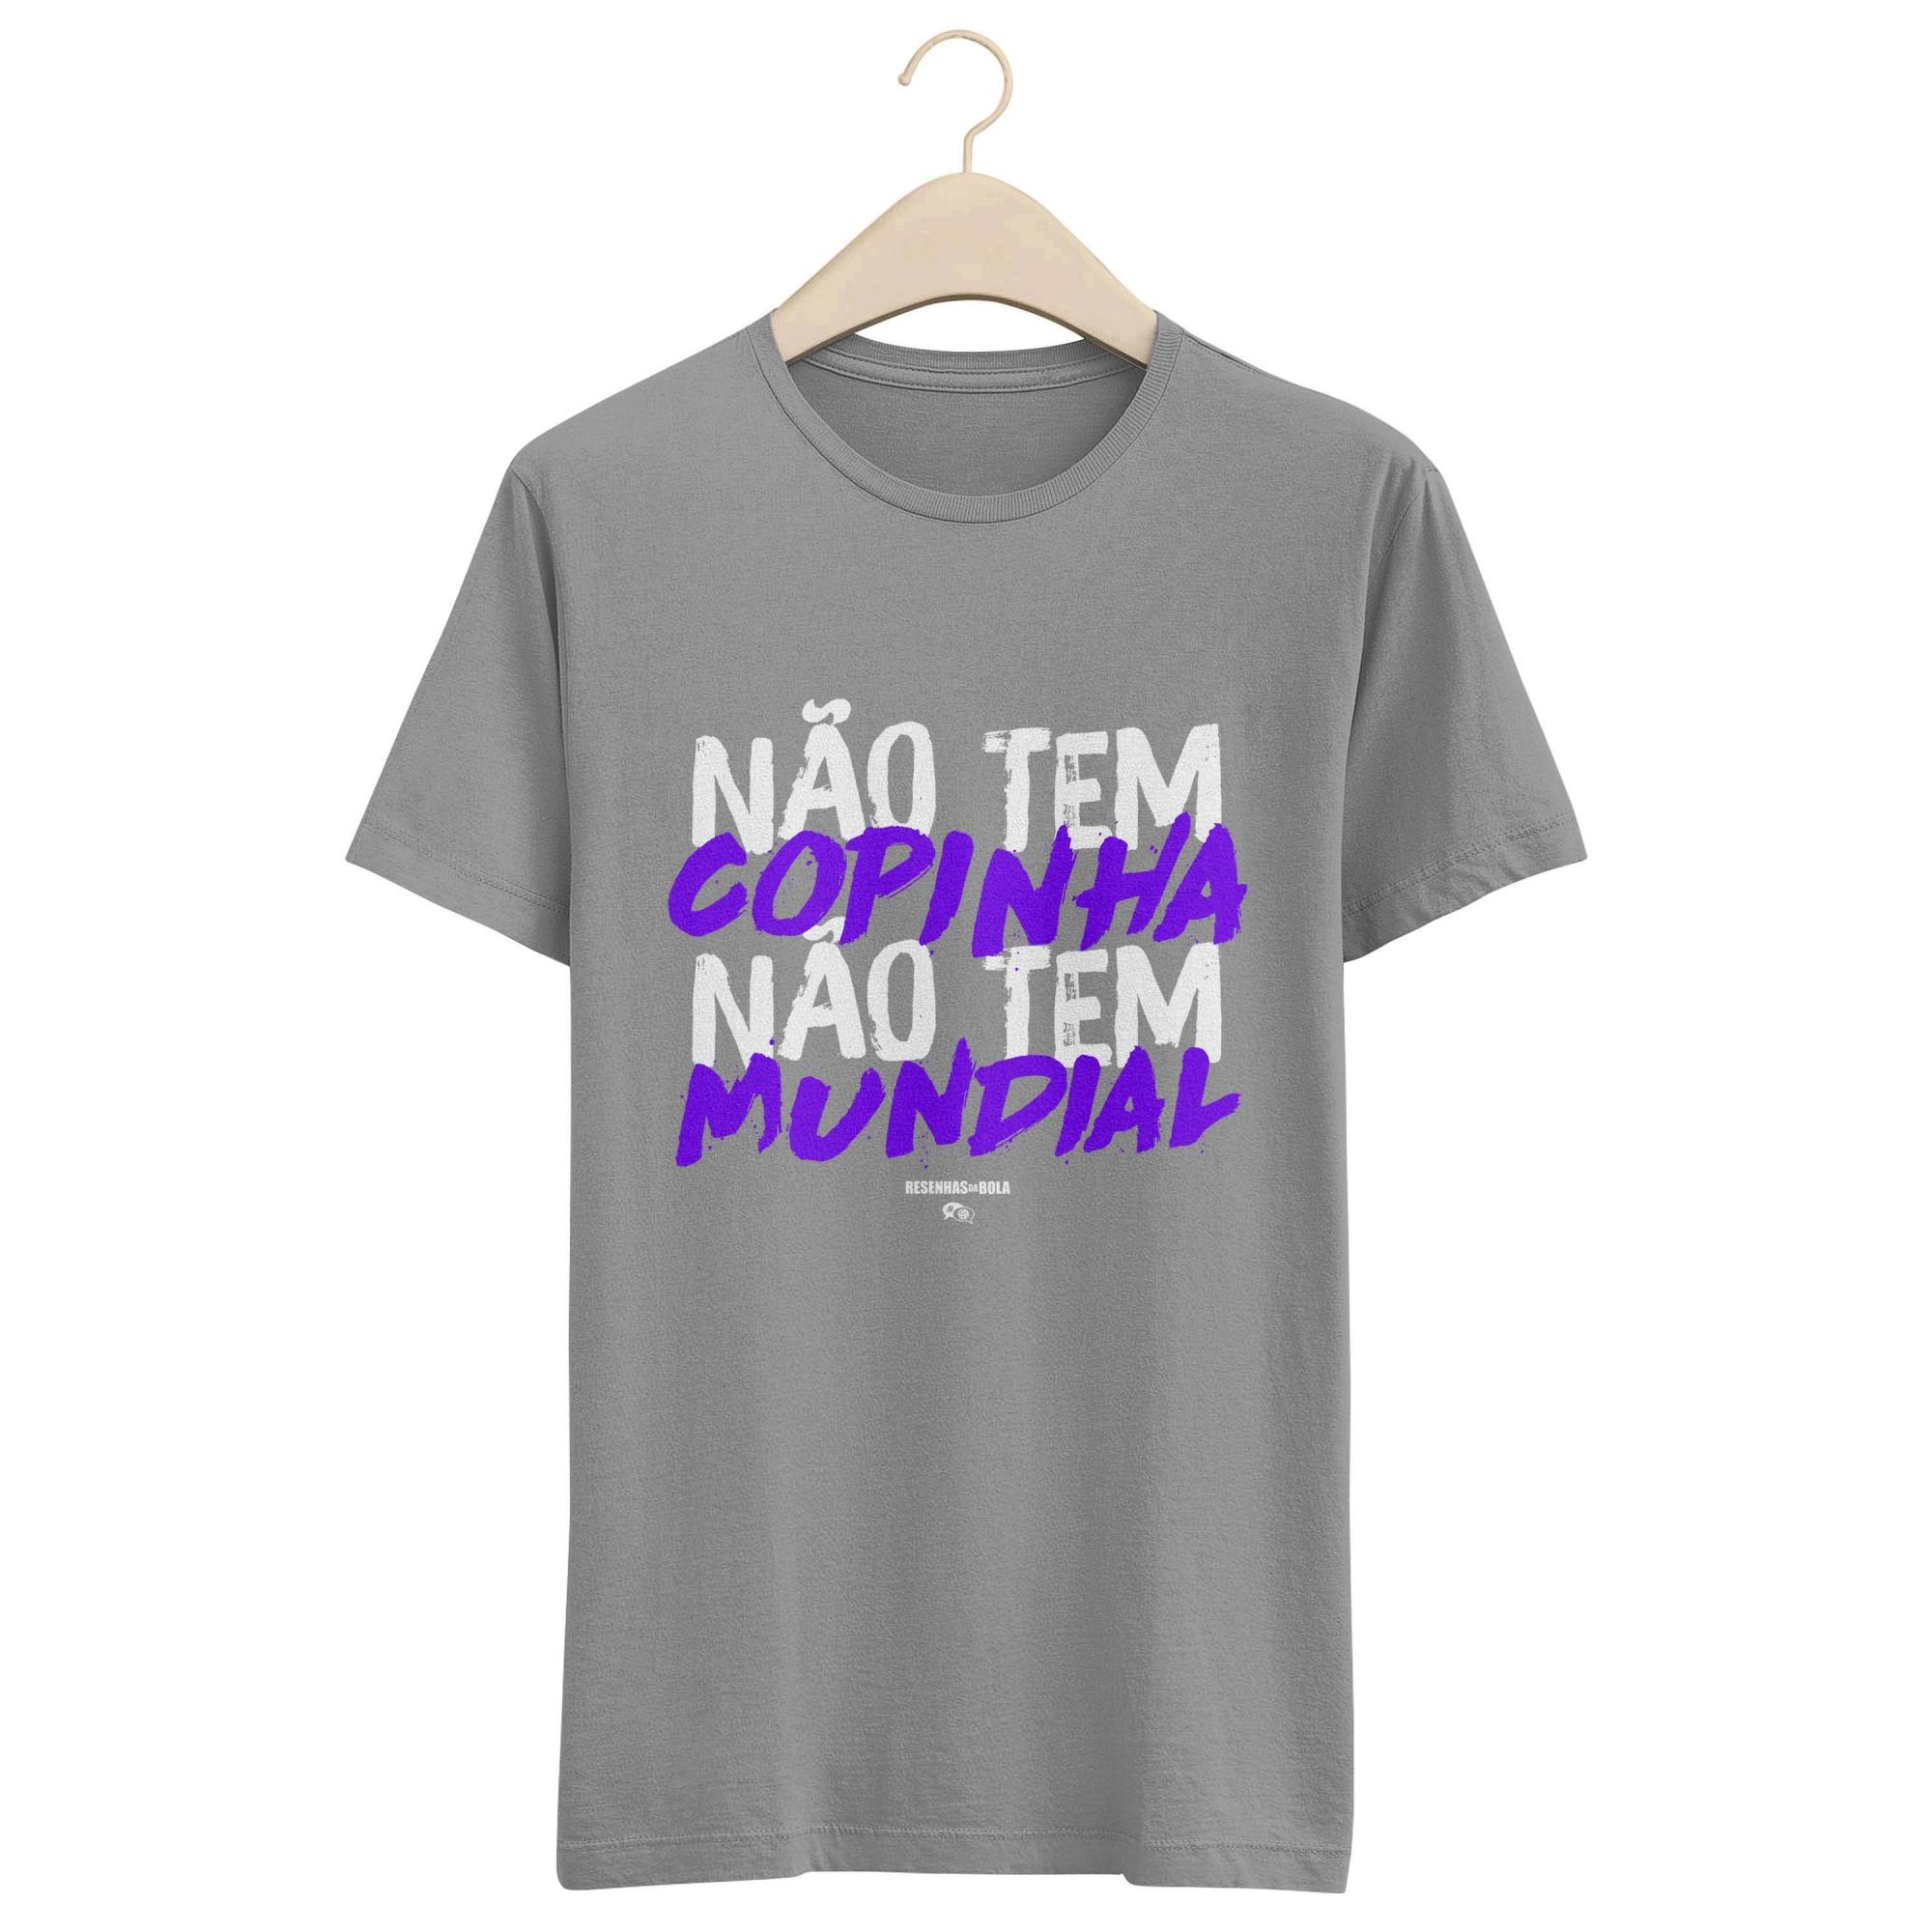 Camiseta - NÃO TEM COPINHA, NÃO TEM MUNDIAL. Masculina